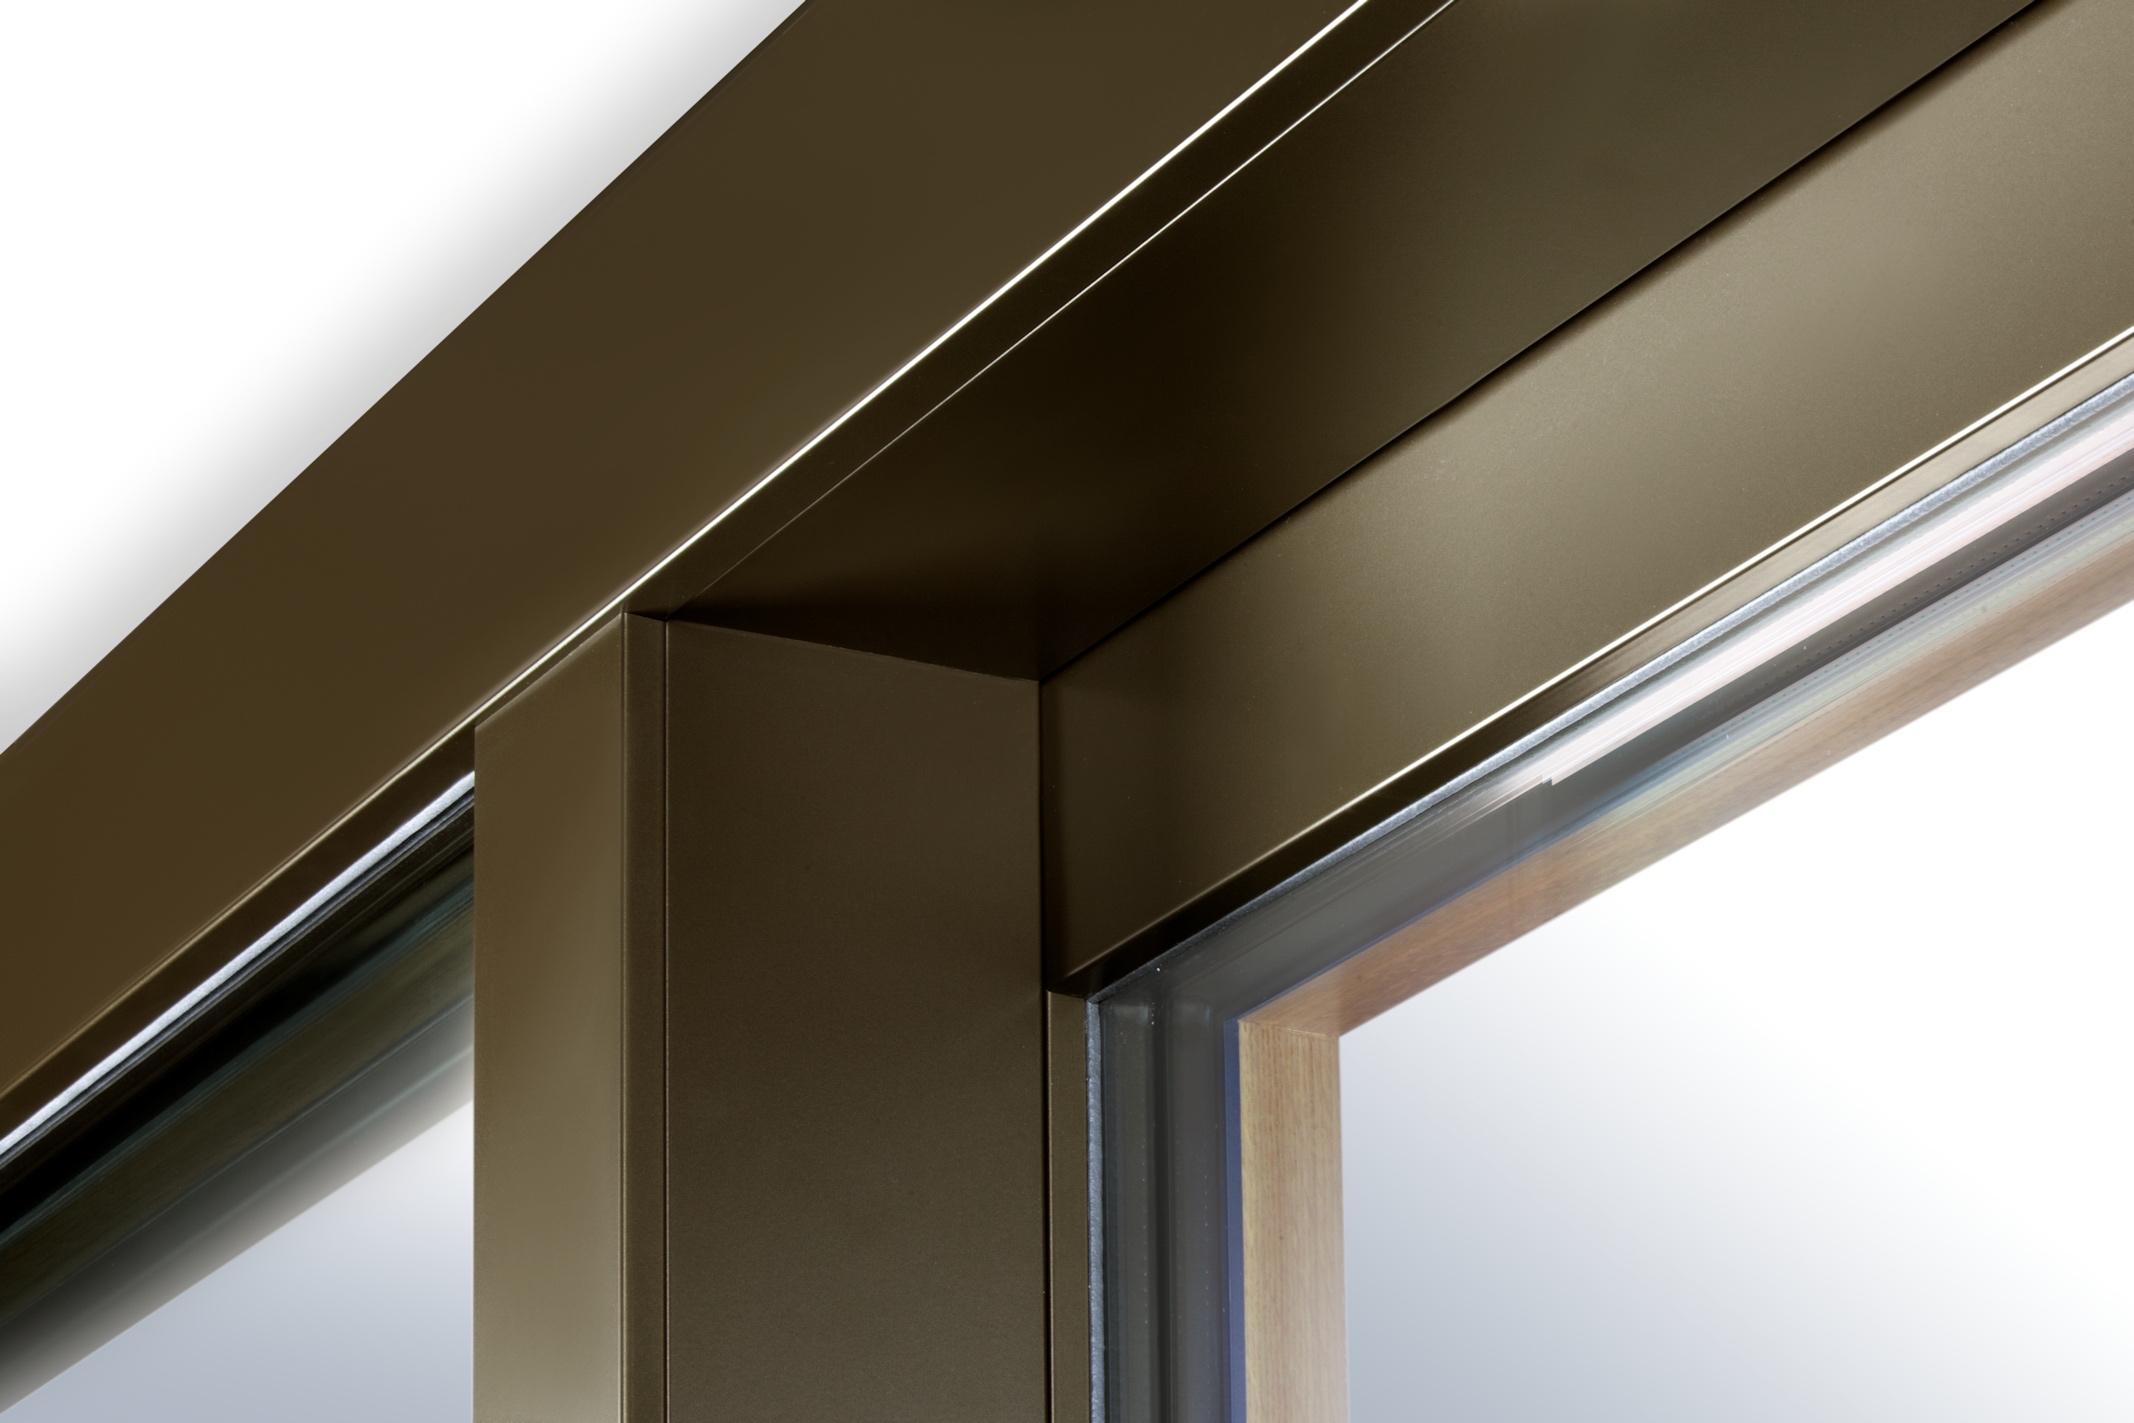 Aluminium holz fenster hinterl ftung ist ein muss - Feuchtigkeit am fenster innen ...